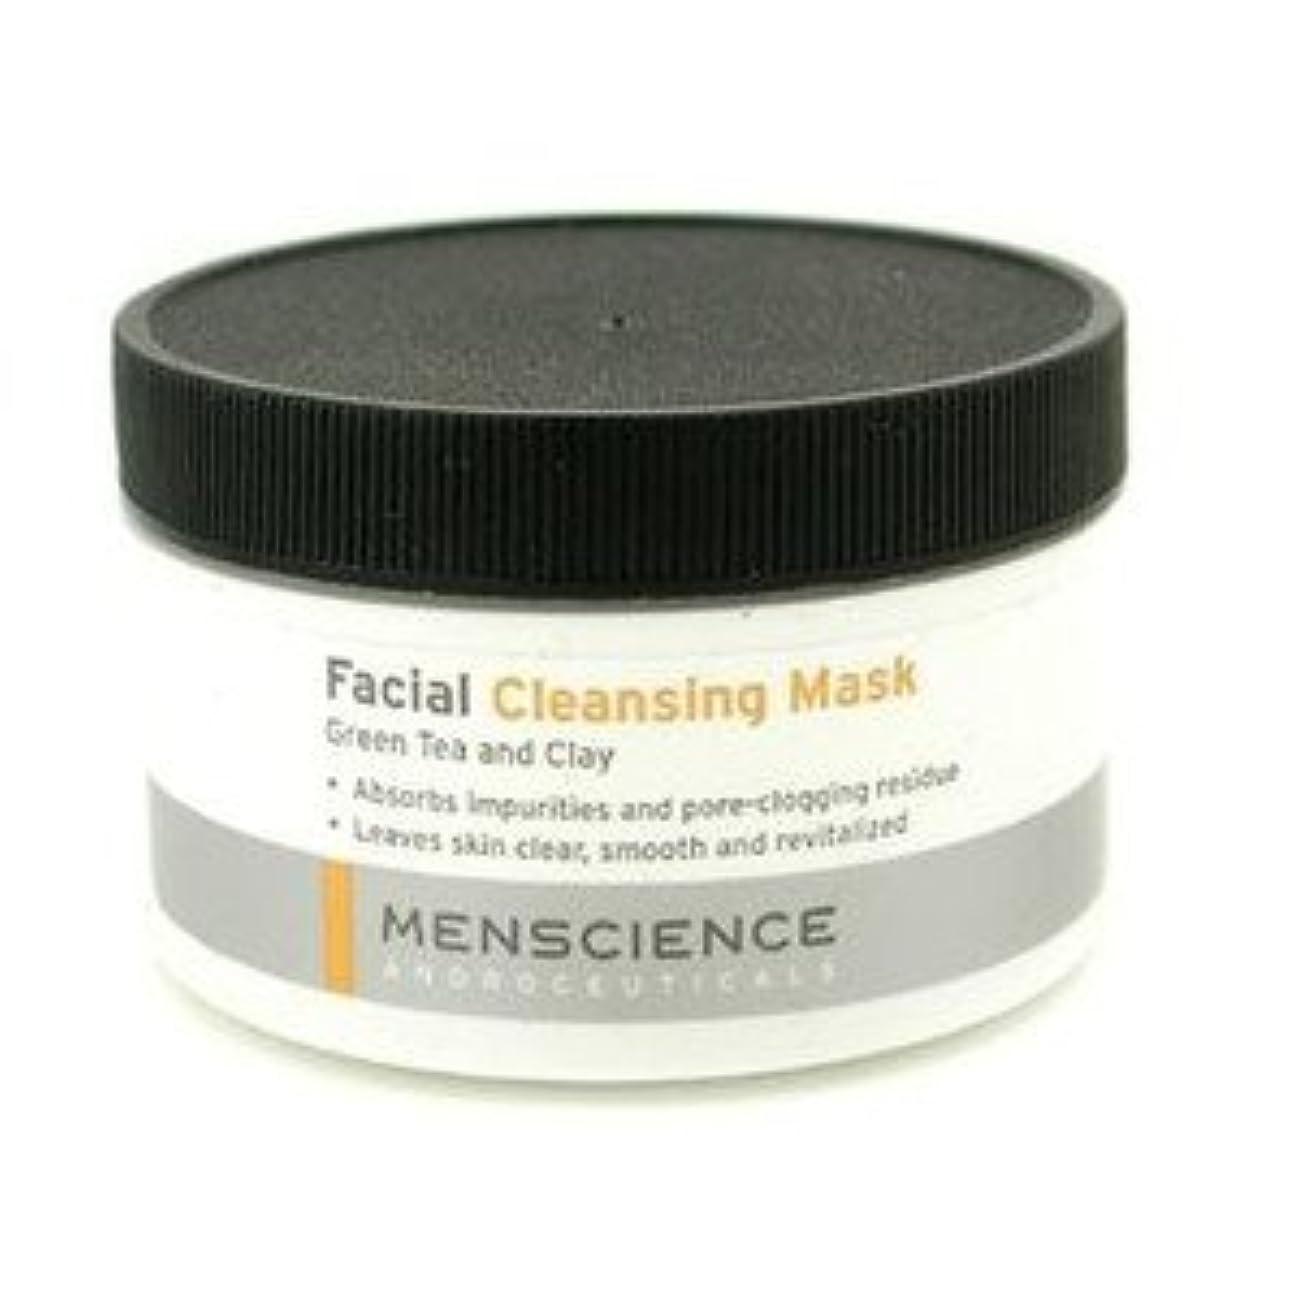 高度な不適特殊MenScience フェーシャル クリーニング マスク - グリーンティー&クレイ 90g/3oz [並行輸入品]